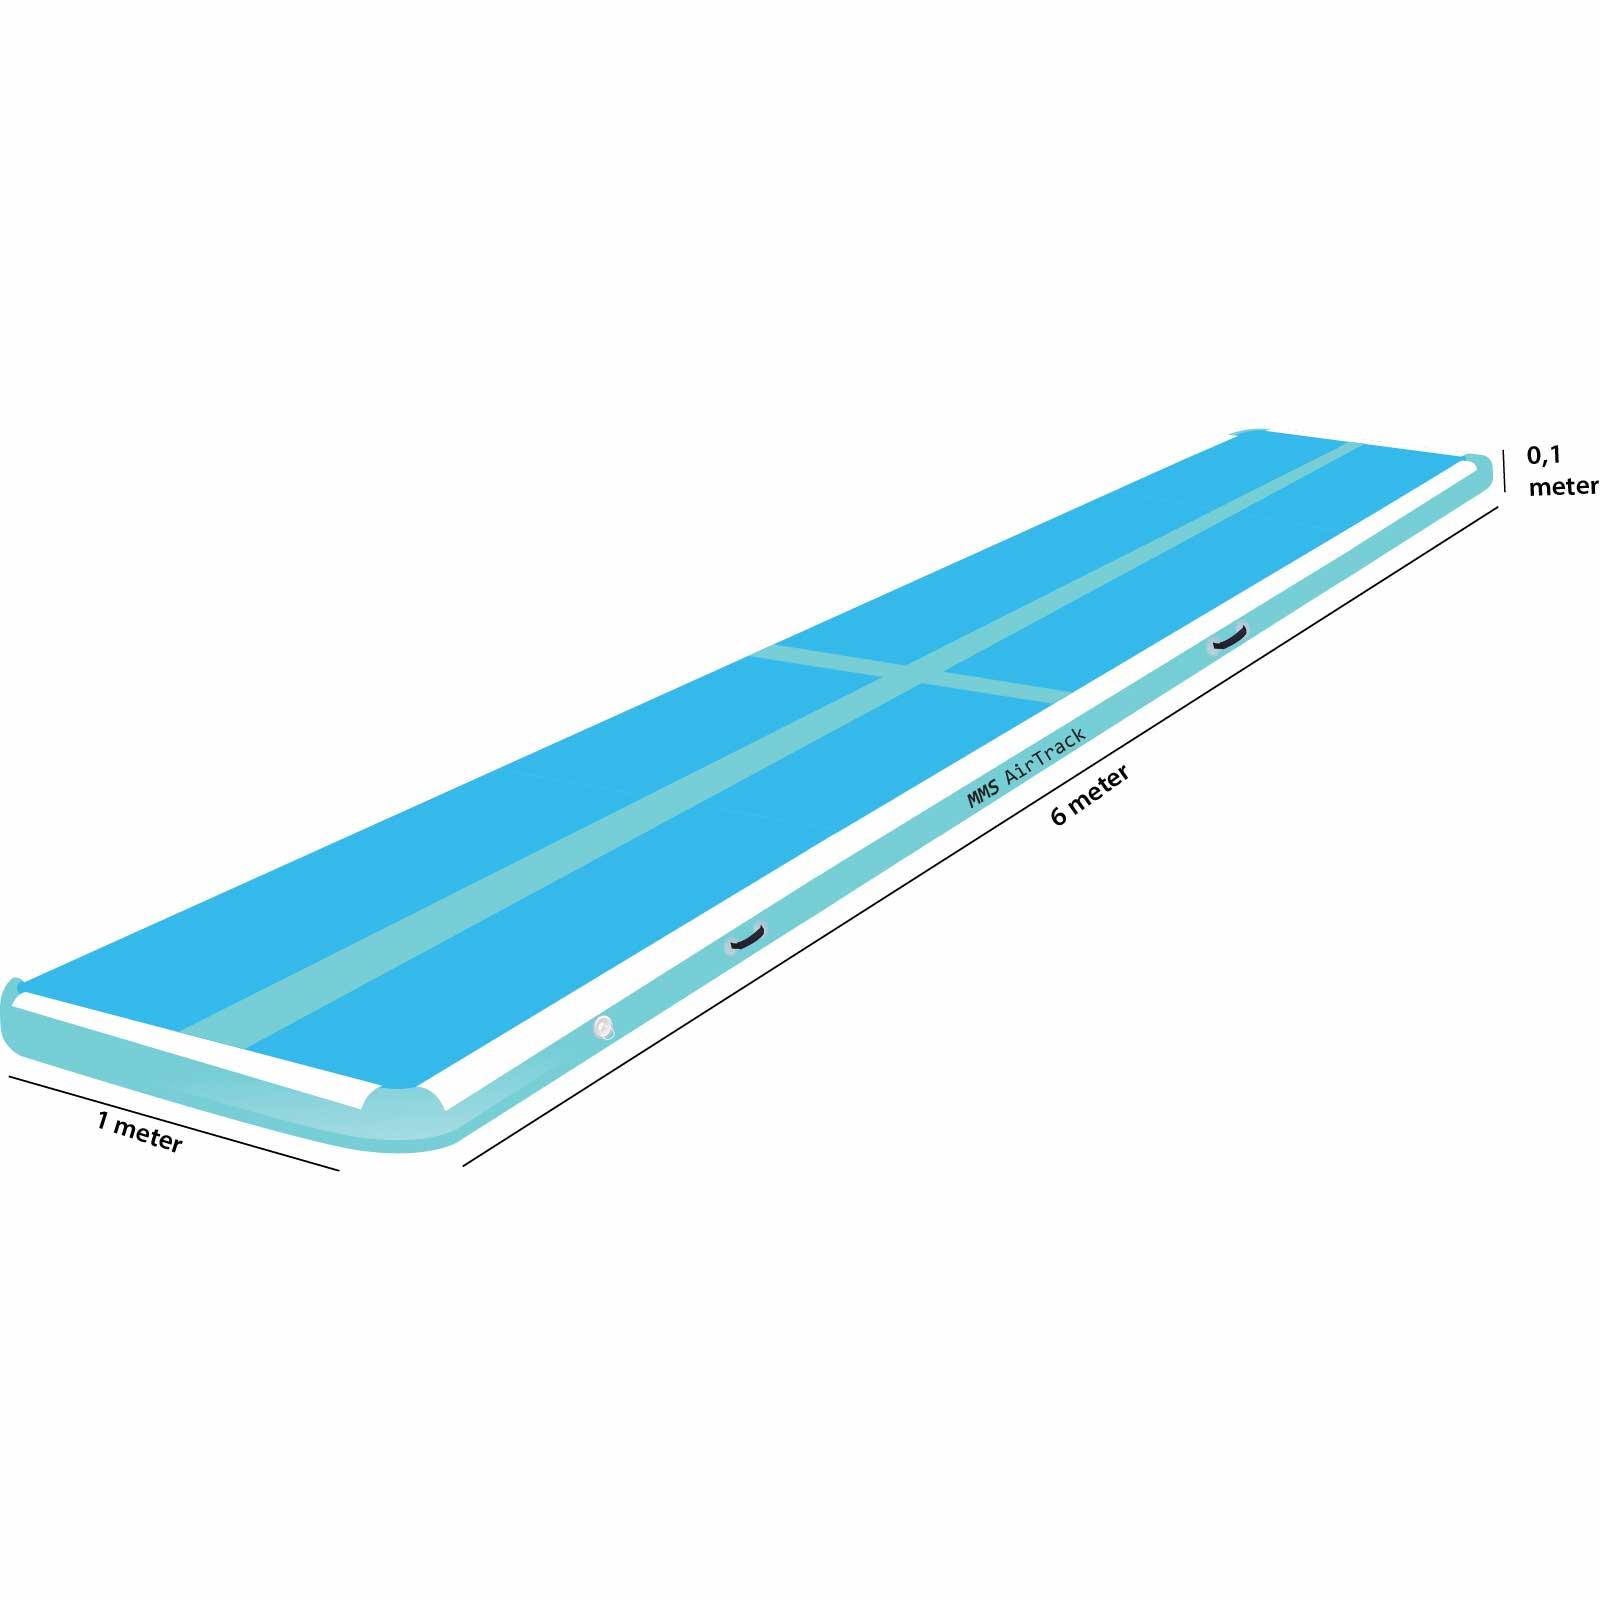 Airtrack 6 met x 1 x 0,1 blauw